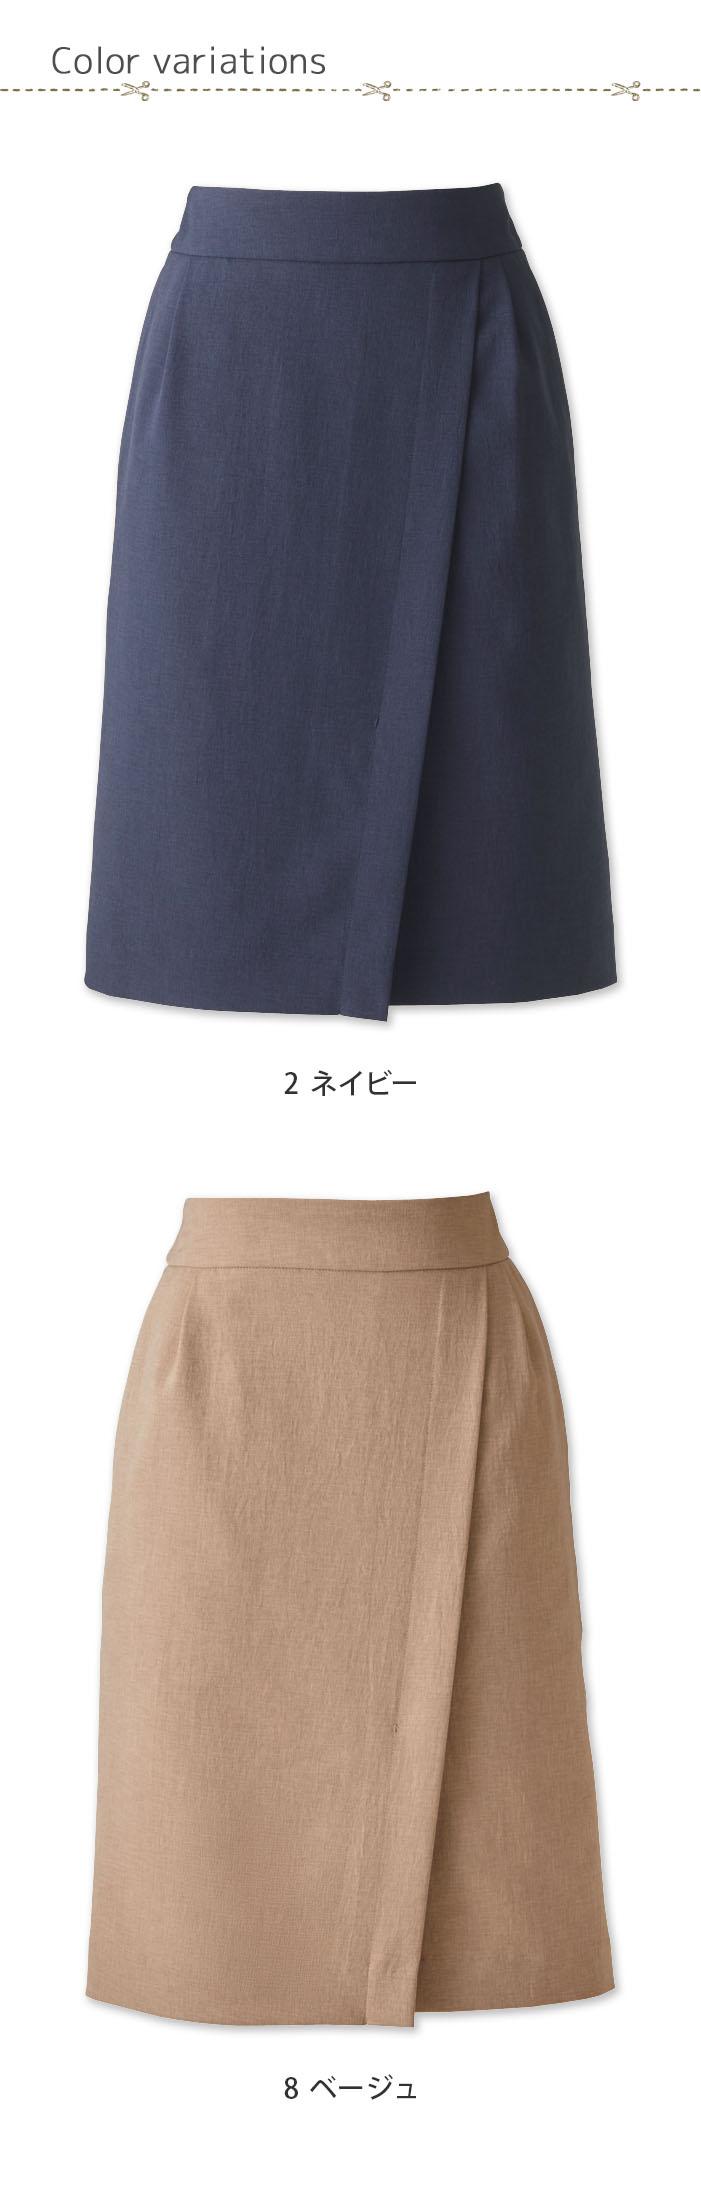 ナチュラルでリラックス感のある 涼しく軽いセミタイトスカート【2色】女性用 カラー